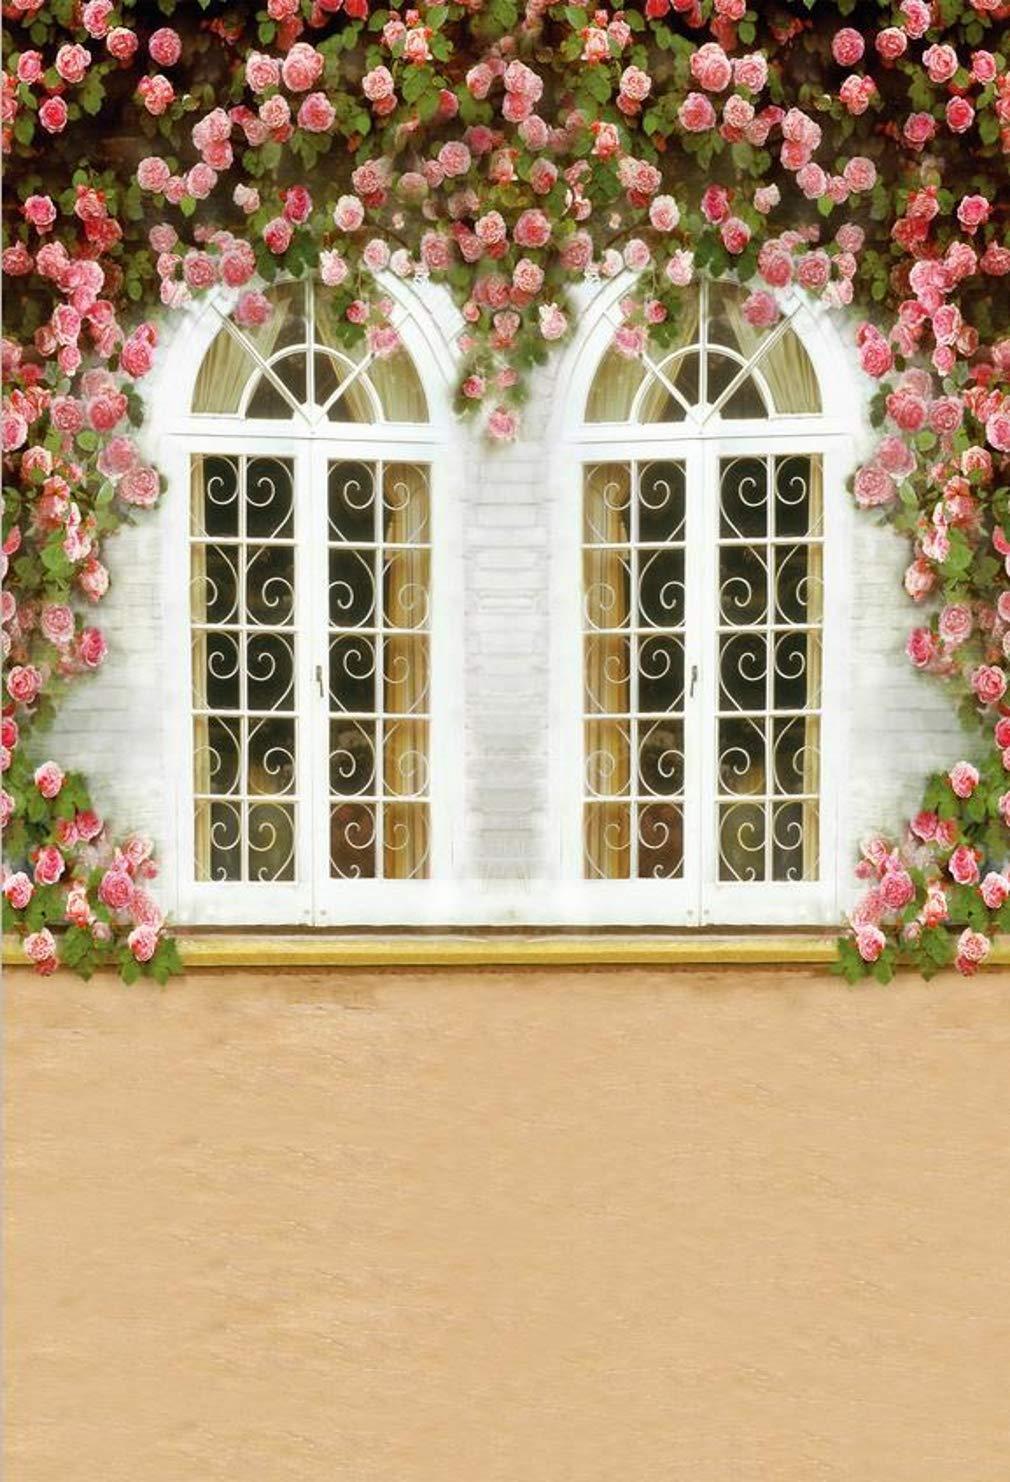 ピンク フローラル ホワイト ウィンドウ 写真 背景 ロマンチック 結婚式 パーティー 背景 子供 春 シーン 写真ブース 撮影小道具 5x7フィート   B07P1T39QL